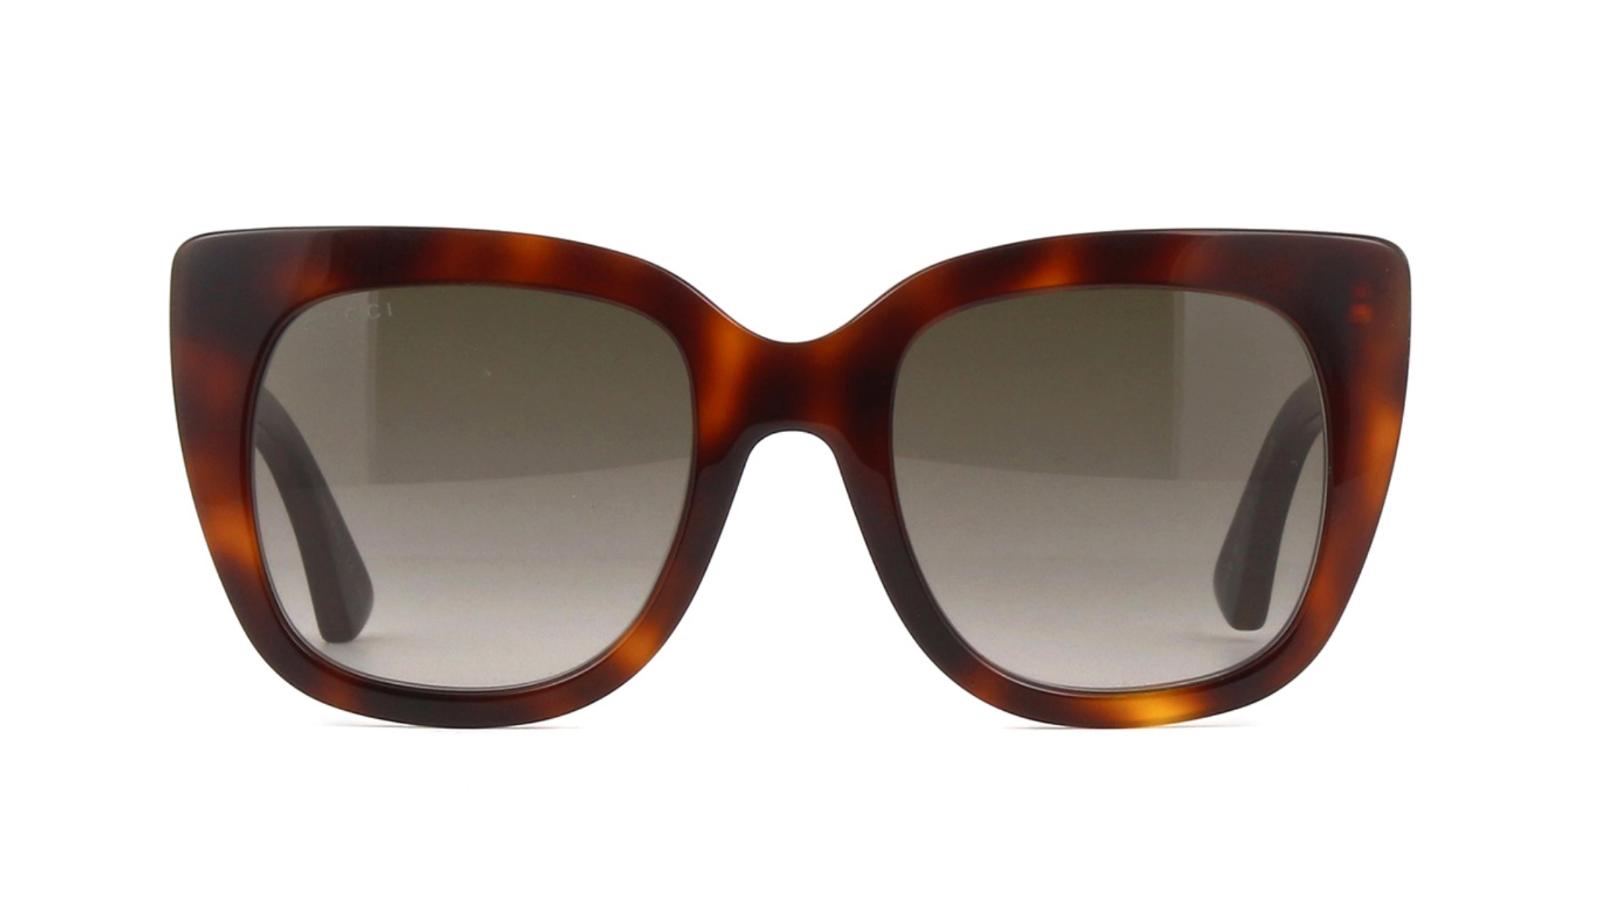 ff673eba360 Gucci - Gucci Brown Gradient Sunglasses GG0163S 002 51 - Walmart.com